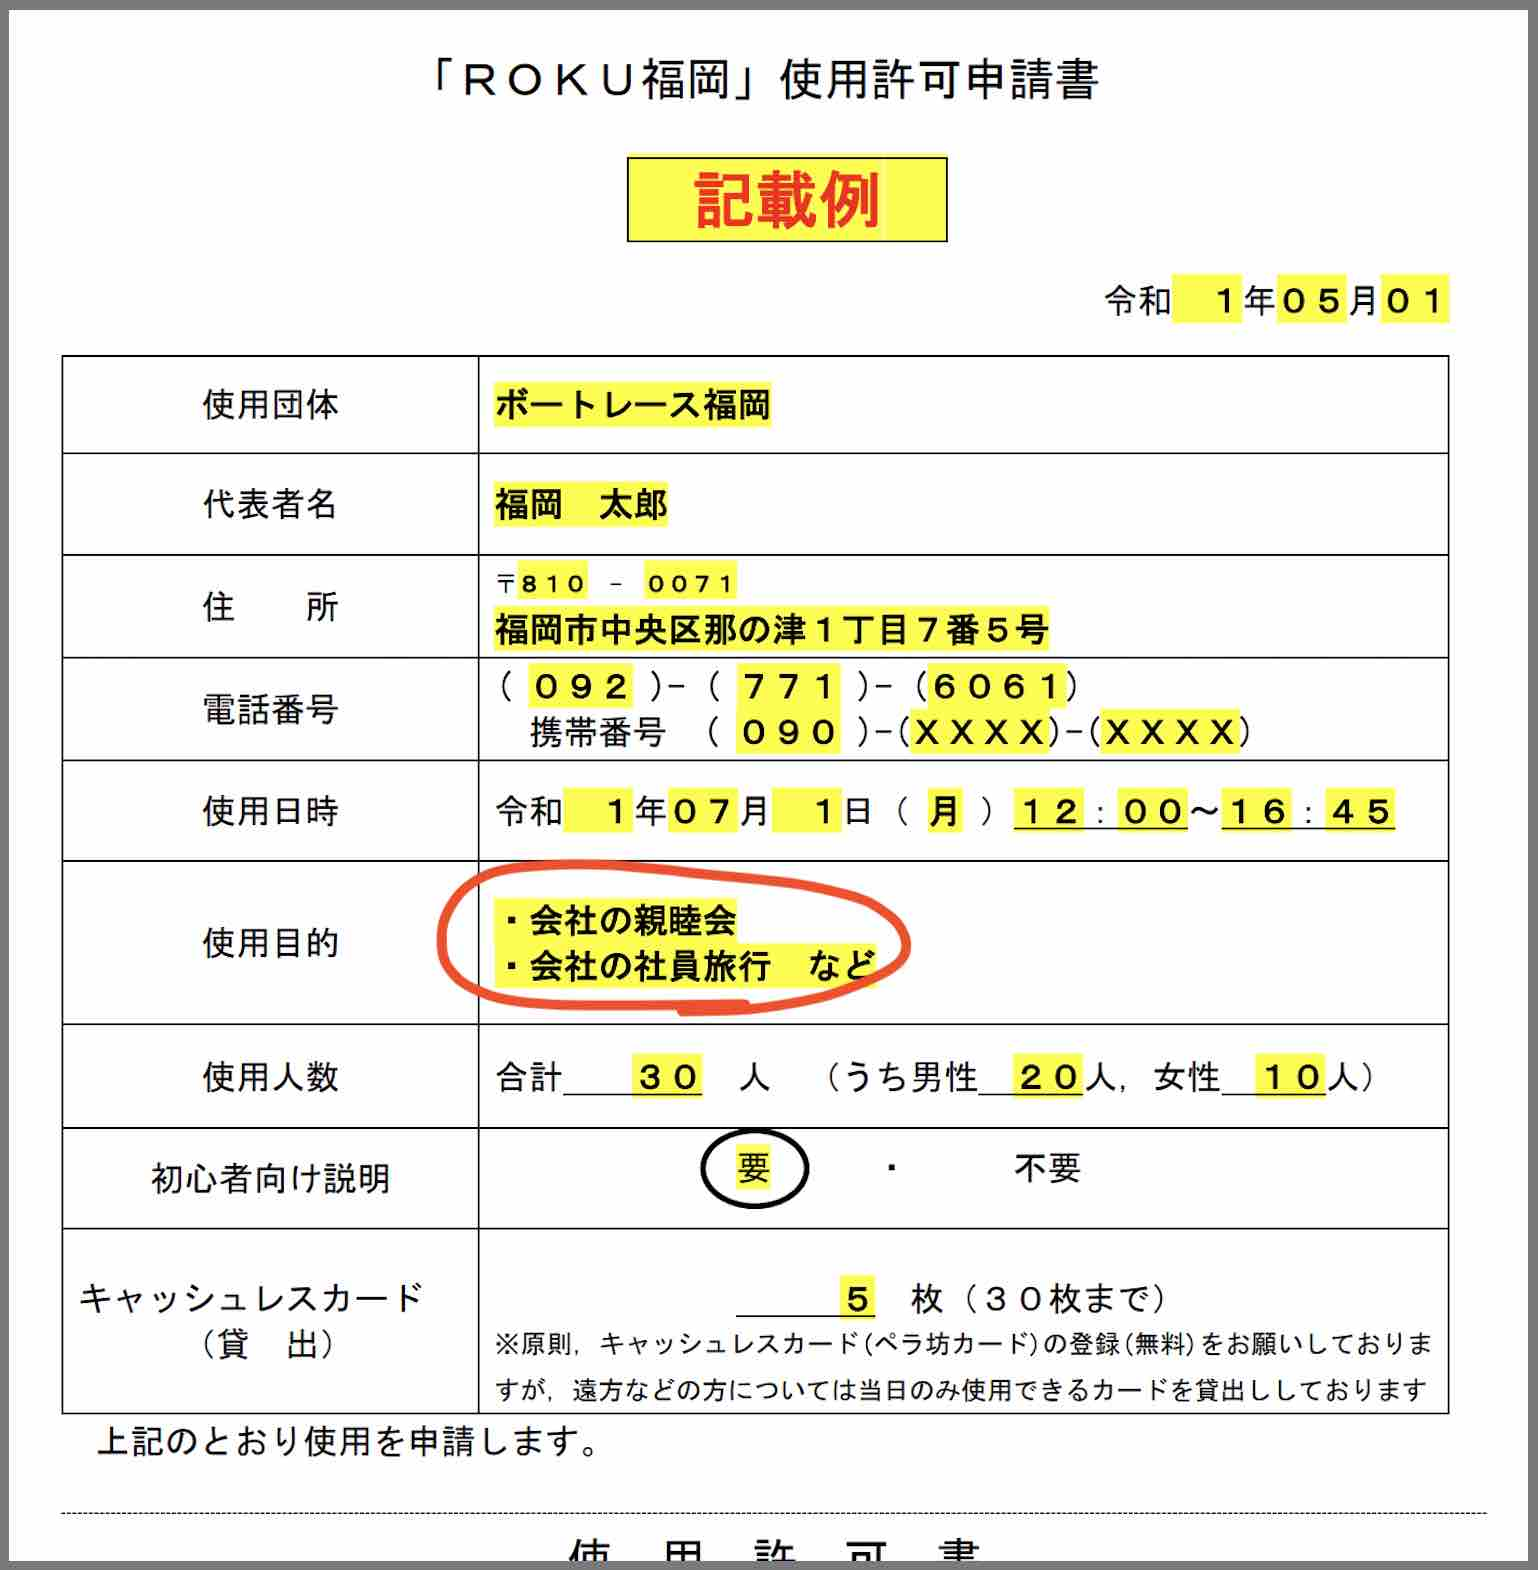 特別観覧施設ROKUの申請書の記入例